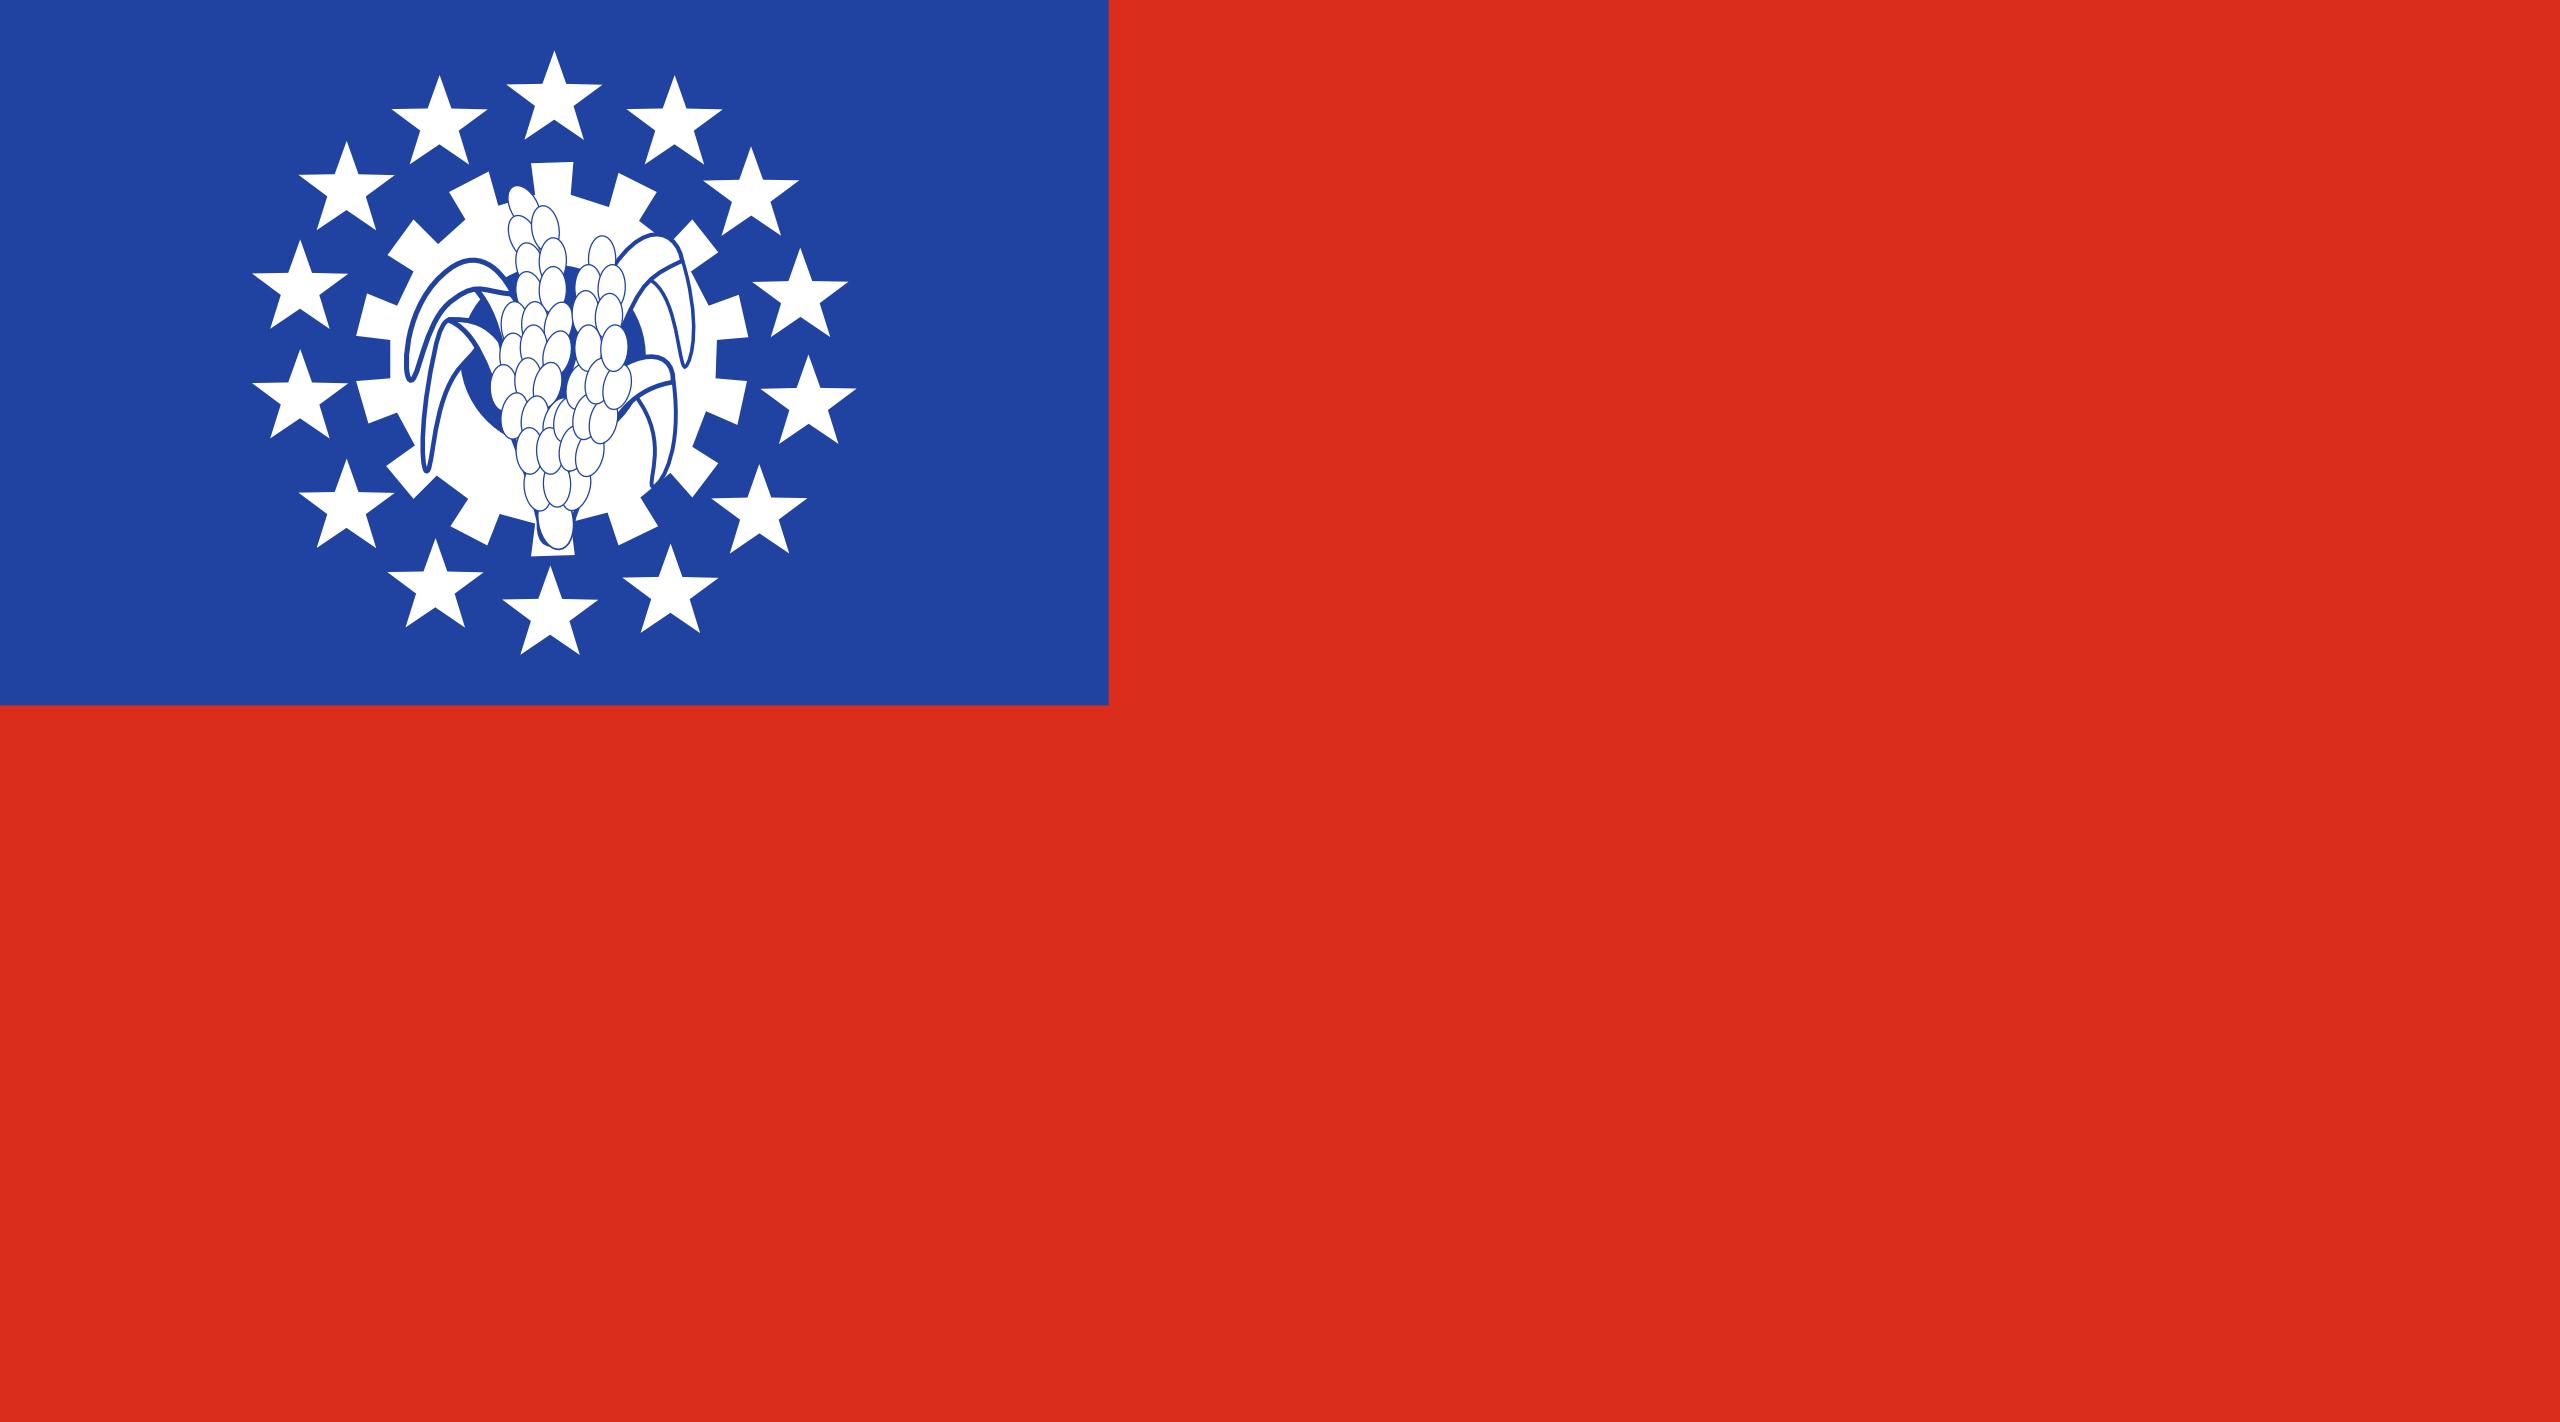 بورما, البلد, emblema, شعار, الرمز - خلفيات عالية الدقة - أستاذ falken.com